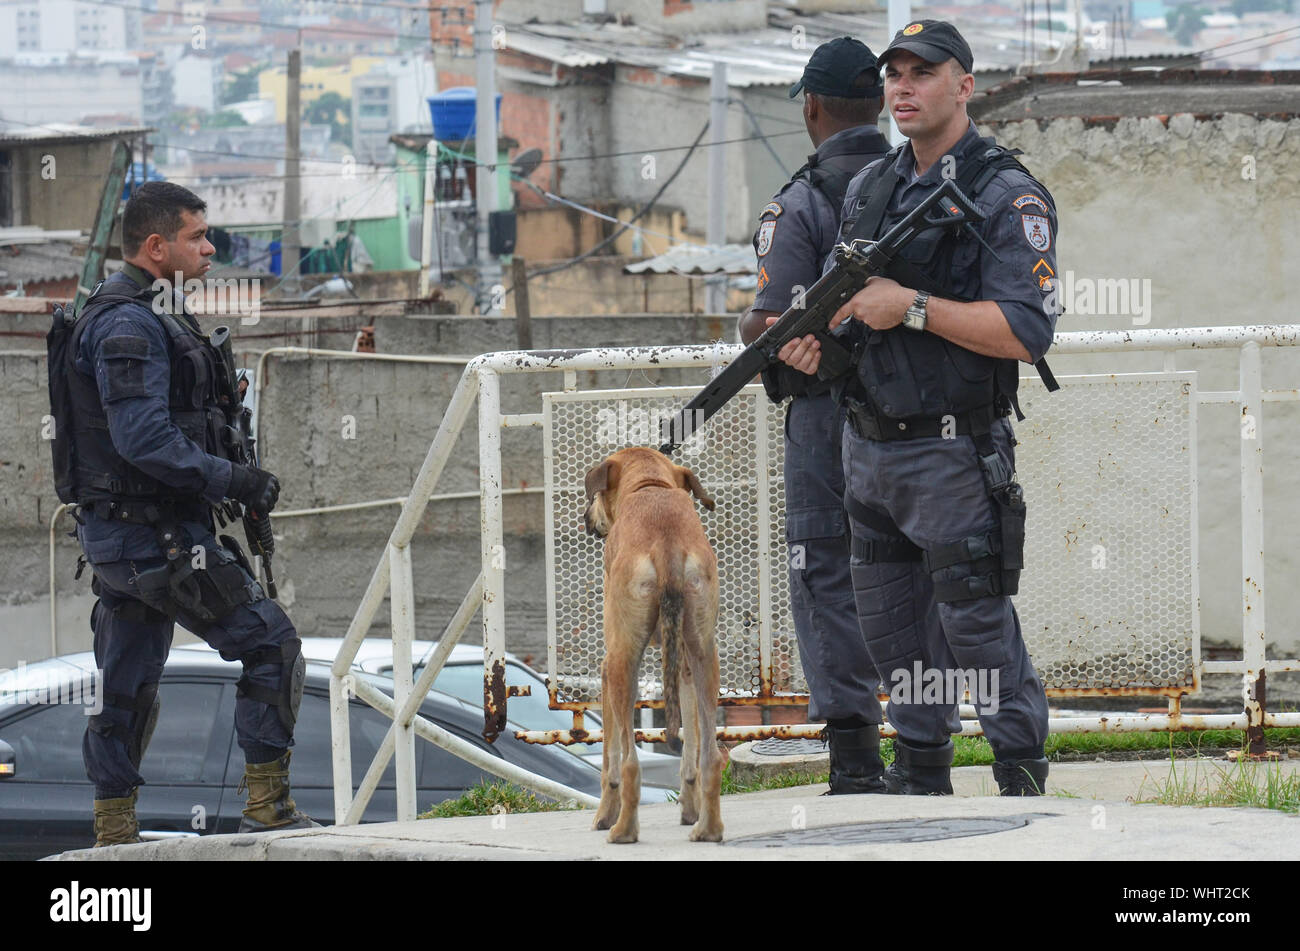 Río de Janeiro, Brasil, Marzo 21, 2015: la policía militar de Río de Janeiro con francotiradores patrullando el Complejo alemán, los barrios de complejo Foto de stock